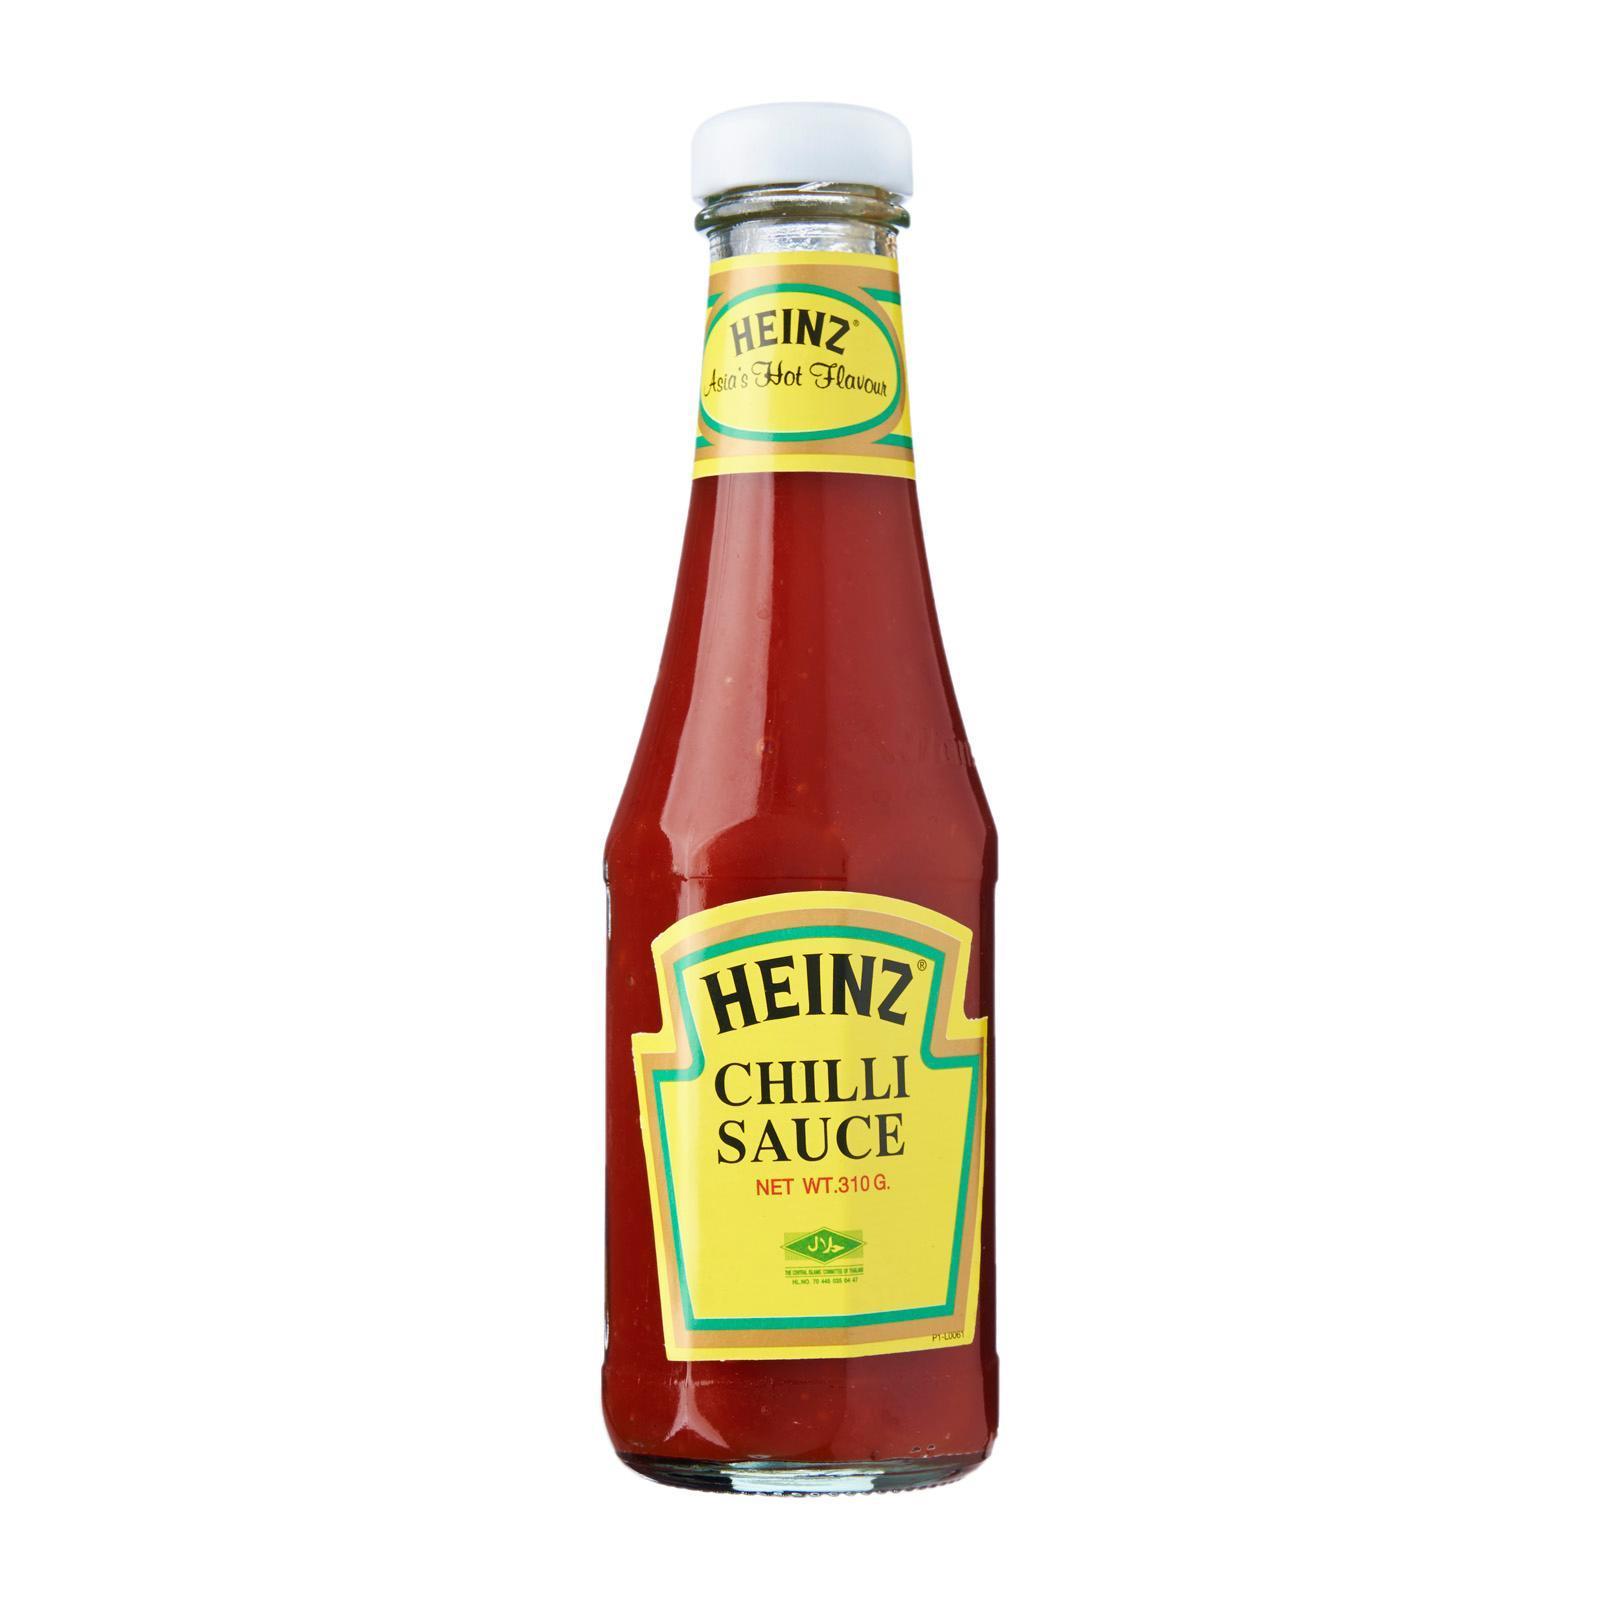 Heinz Chilli Sauce By Redmart.